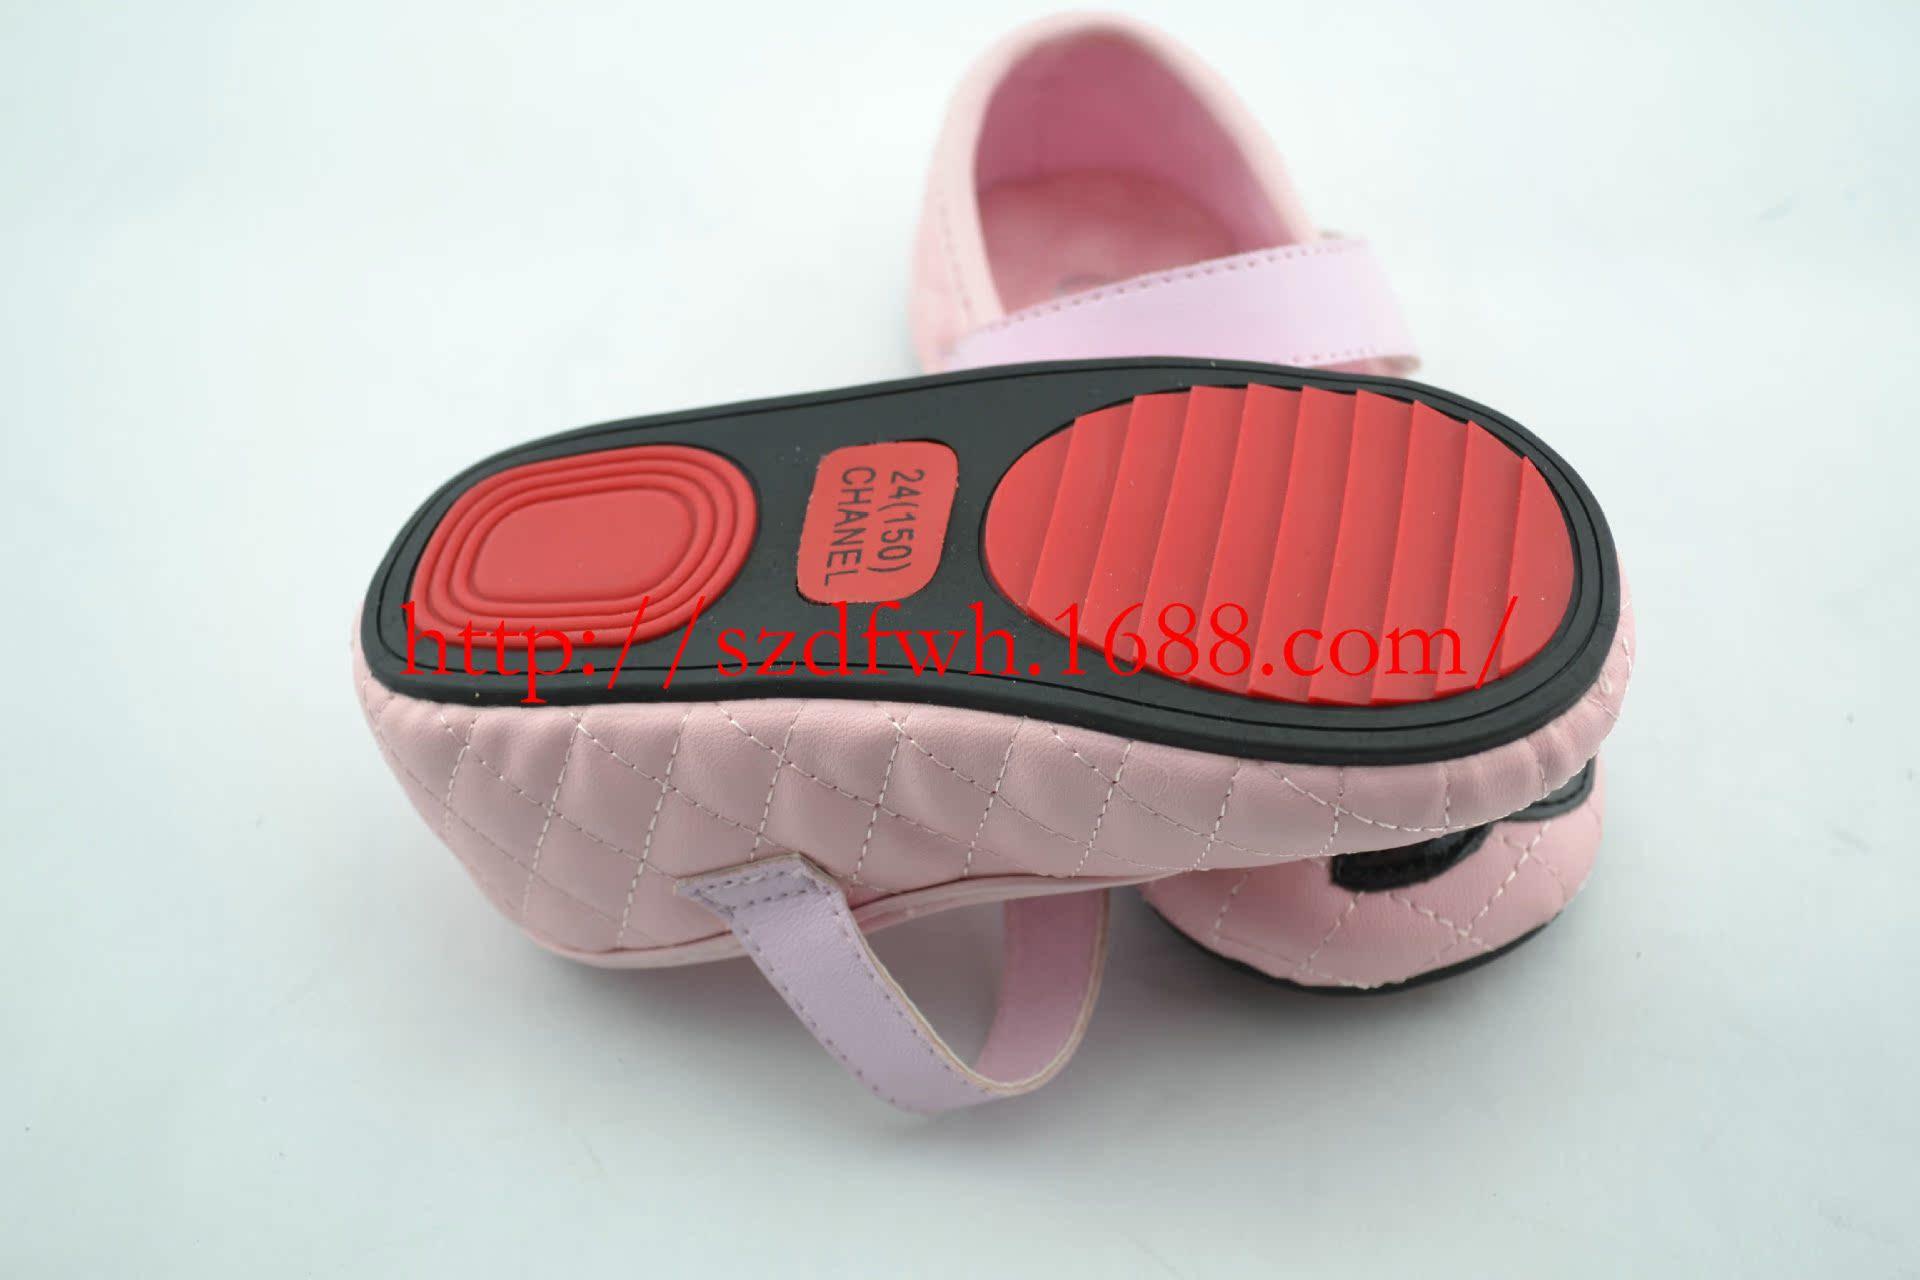 宝宝 童鞋/宝宝鞋学步鞋最新款童鞋一件代发真皮童鞋真皮单鞋